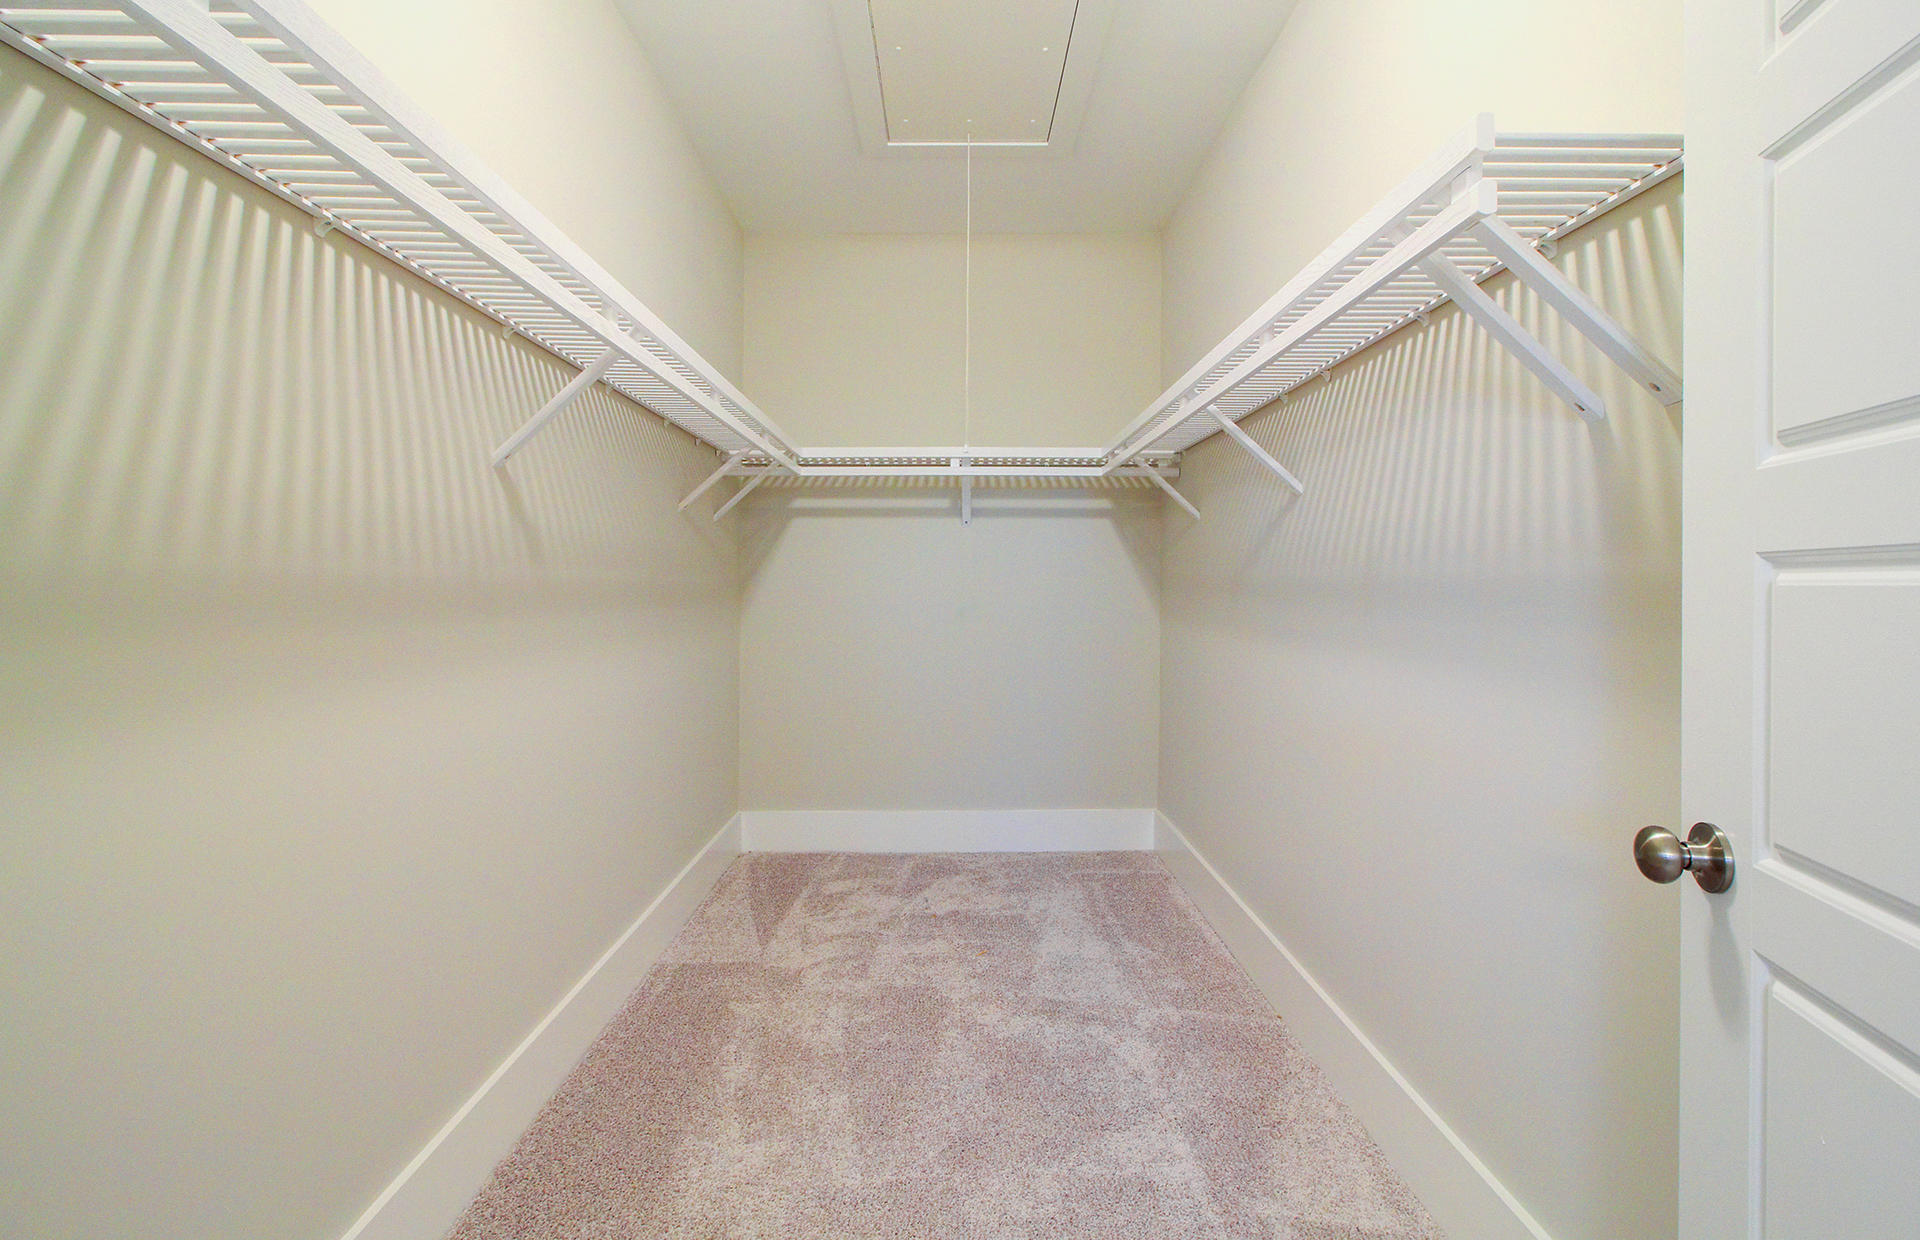 Dunes West Homes For Sale - 2406 Brackish, Mount Pleasant, SC - 17